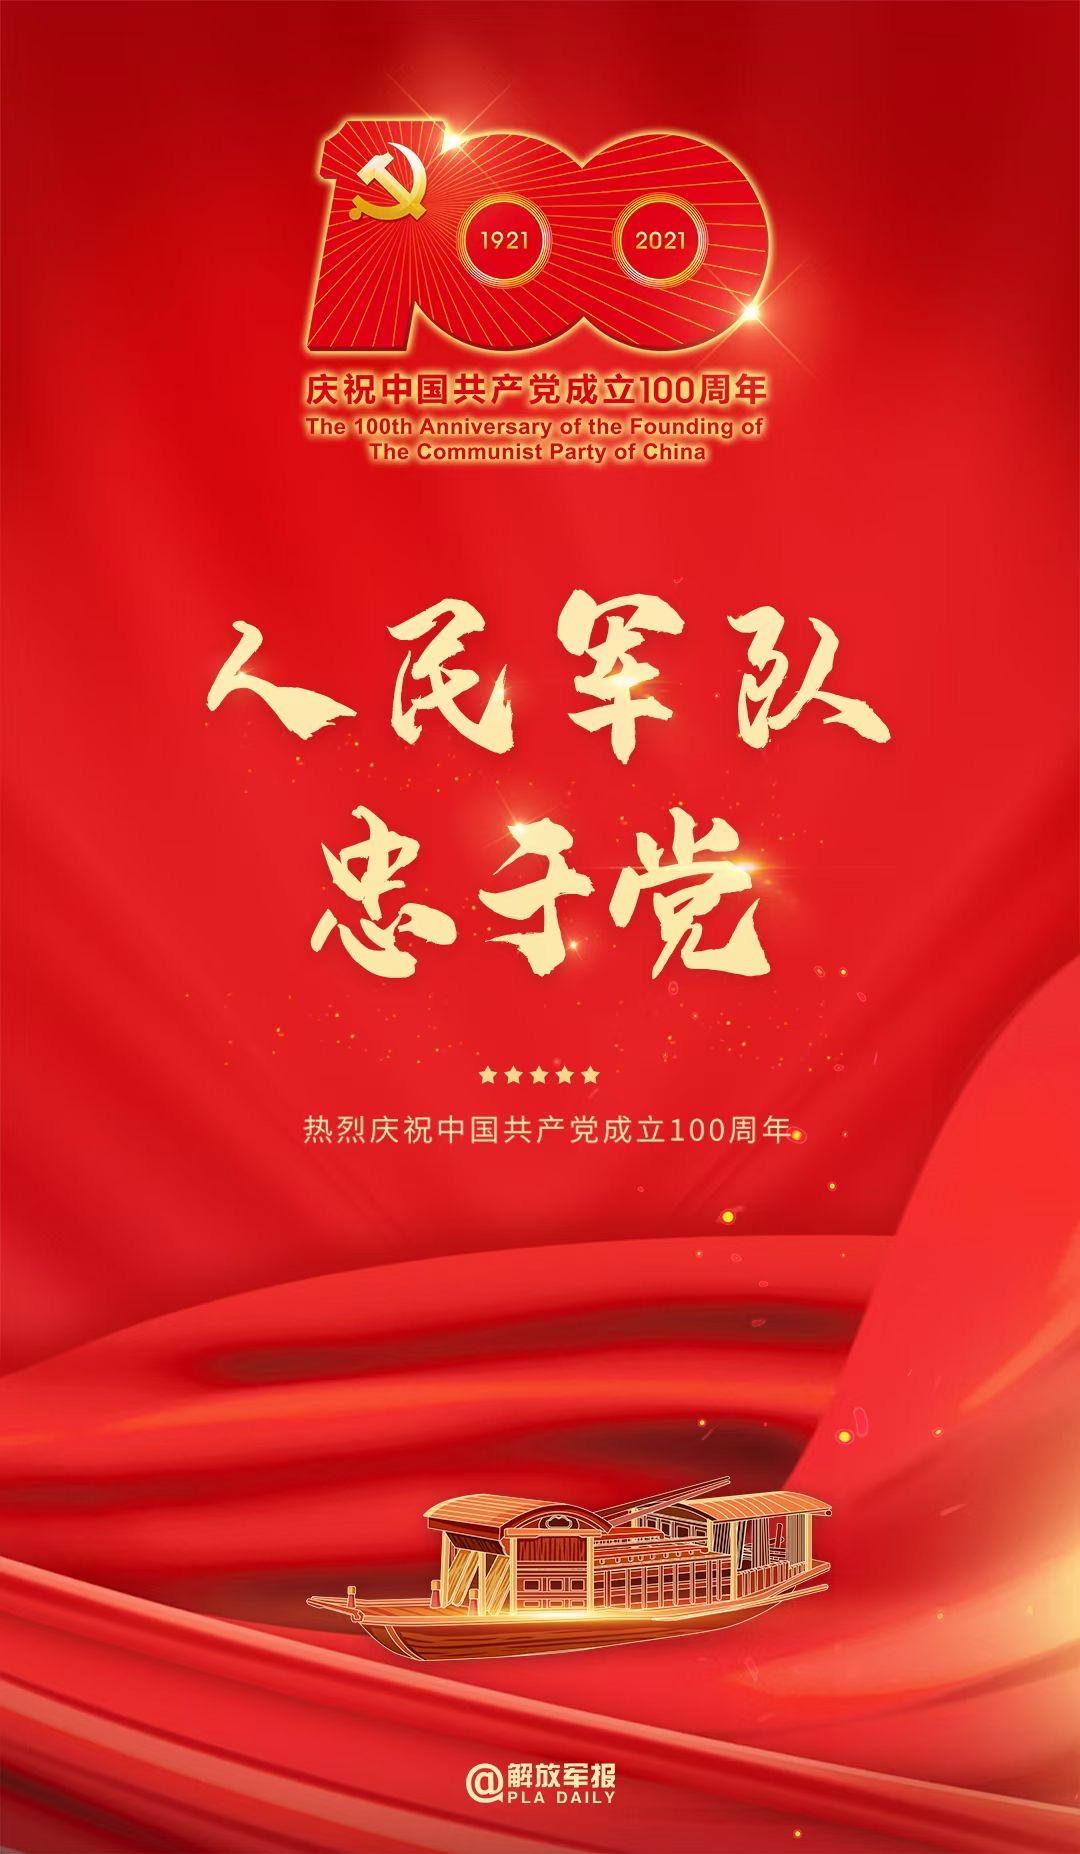 广东圣扬热烈庆祝中国建党100周年